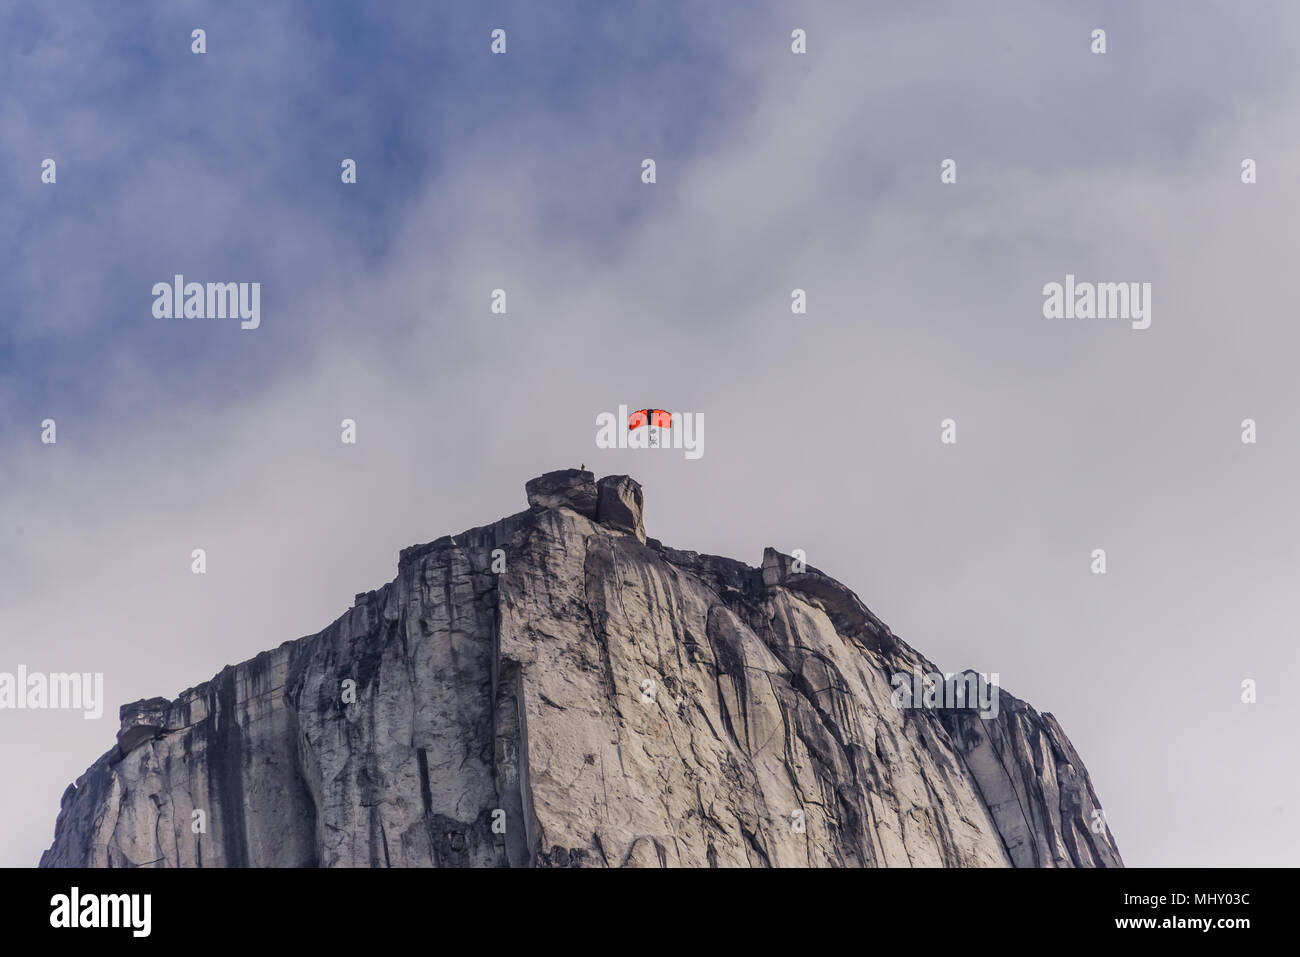 Persona parapendio dal monte nel fiordo di Tasermiut, Narsaq, Vestgronland, Groenlandia Immagini Stock